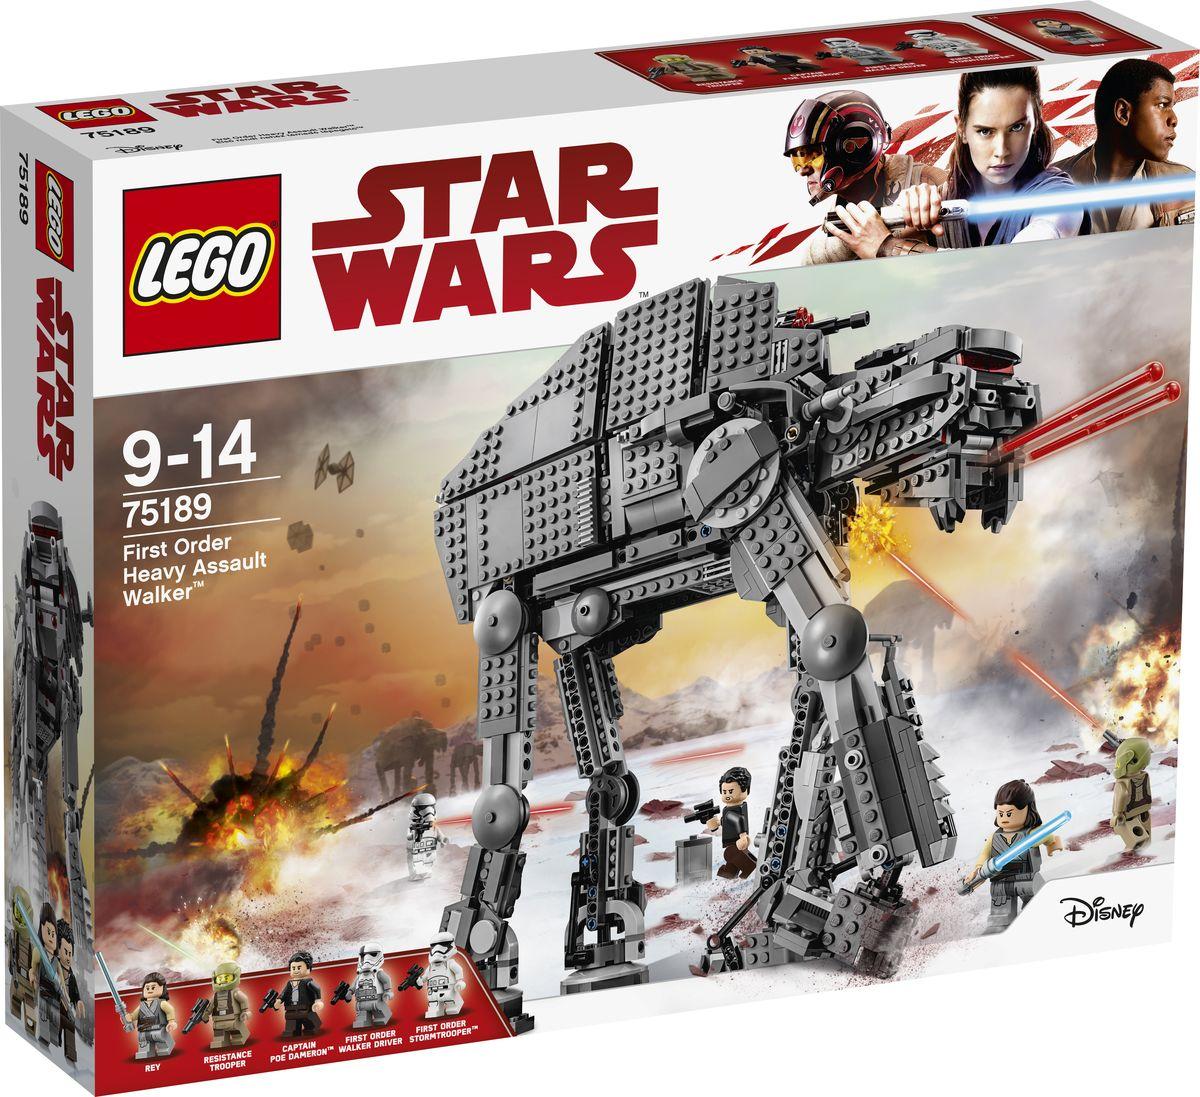 LEGO Star Wars Конструктор Штурмовой шагоход Первого Ордена 75189 конструктор lepin star plan тяжелый разведывательный шагоход первого ордена 620 дет 05126